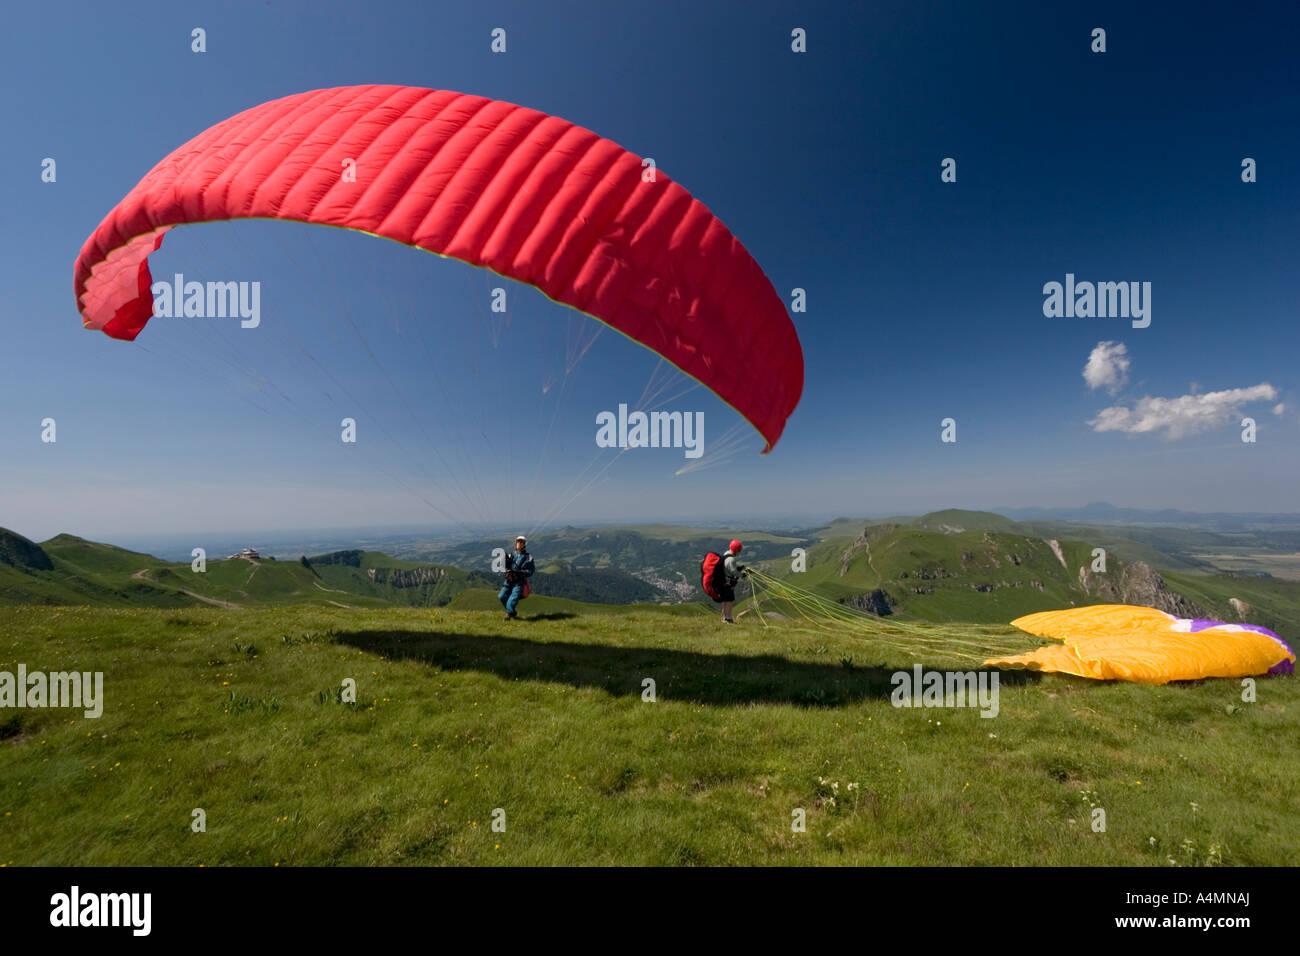 A paraglider ready to take off (Puy de Dôme-France). Parapentiste s'apprêtant à prendre son envol - Stock Image